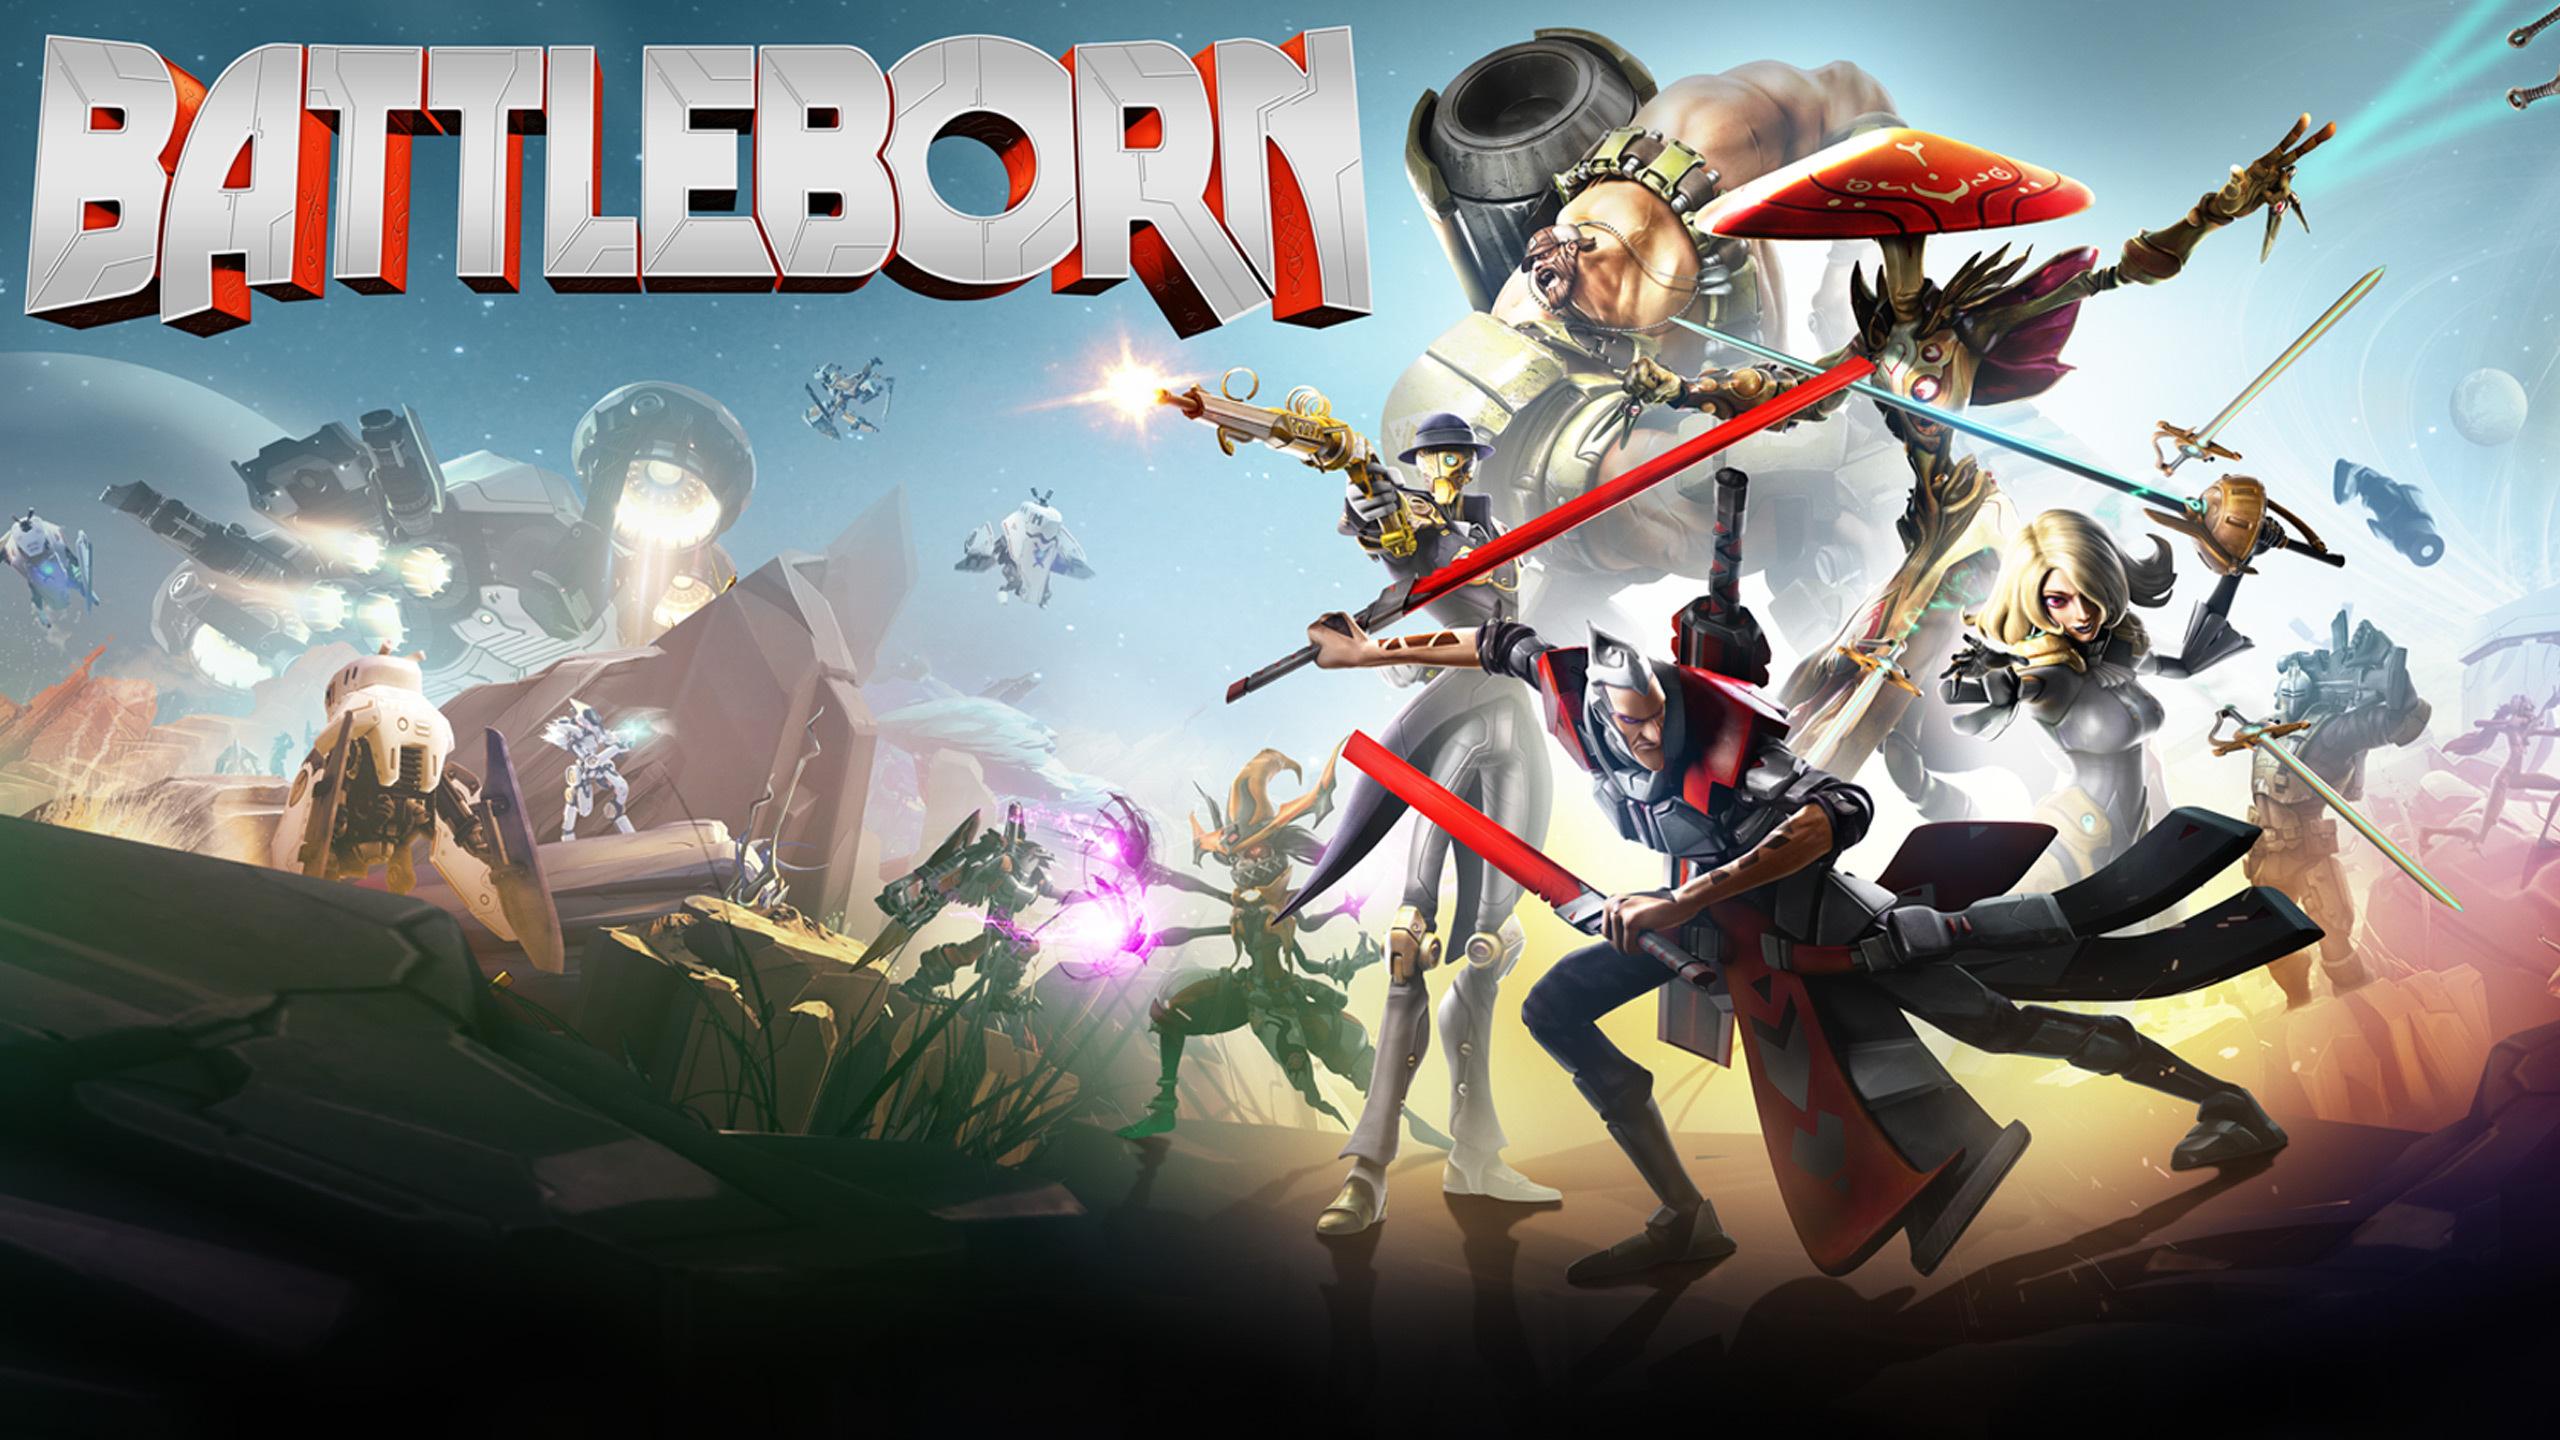 Battleborn Widescreen